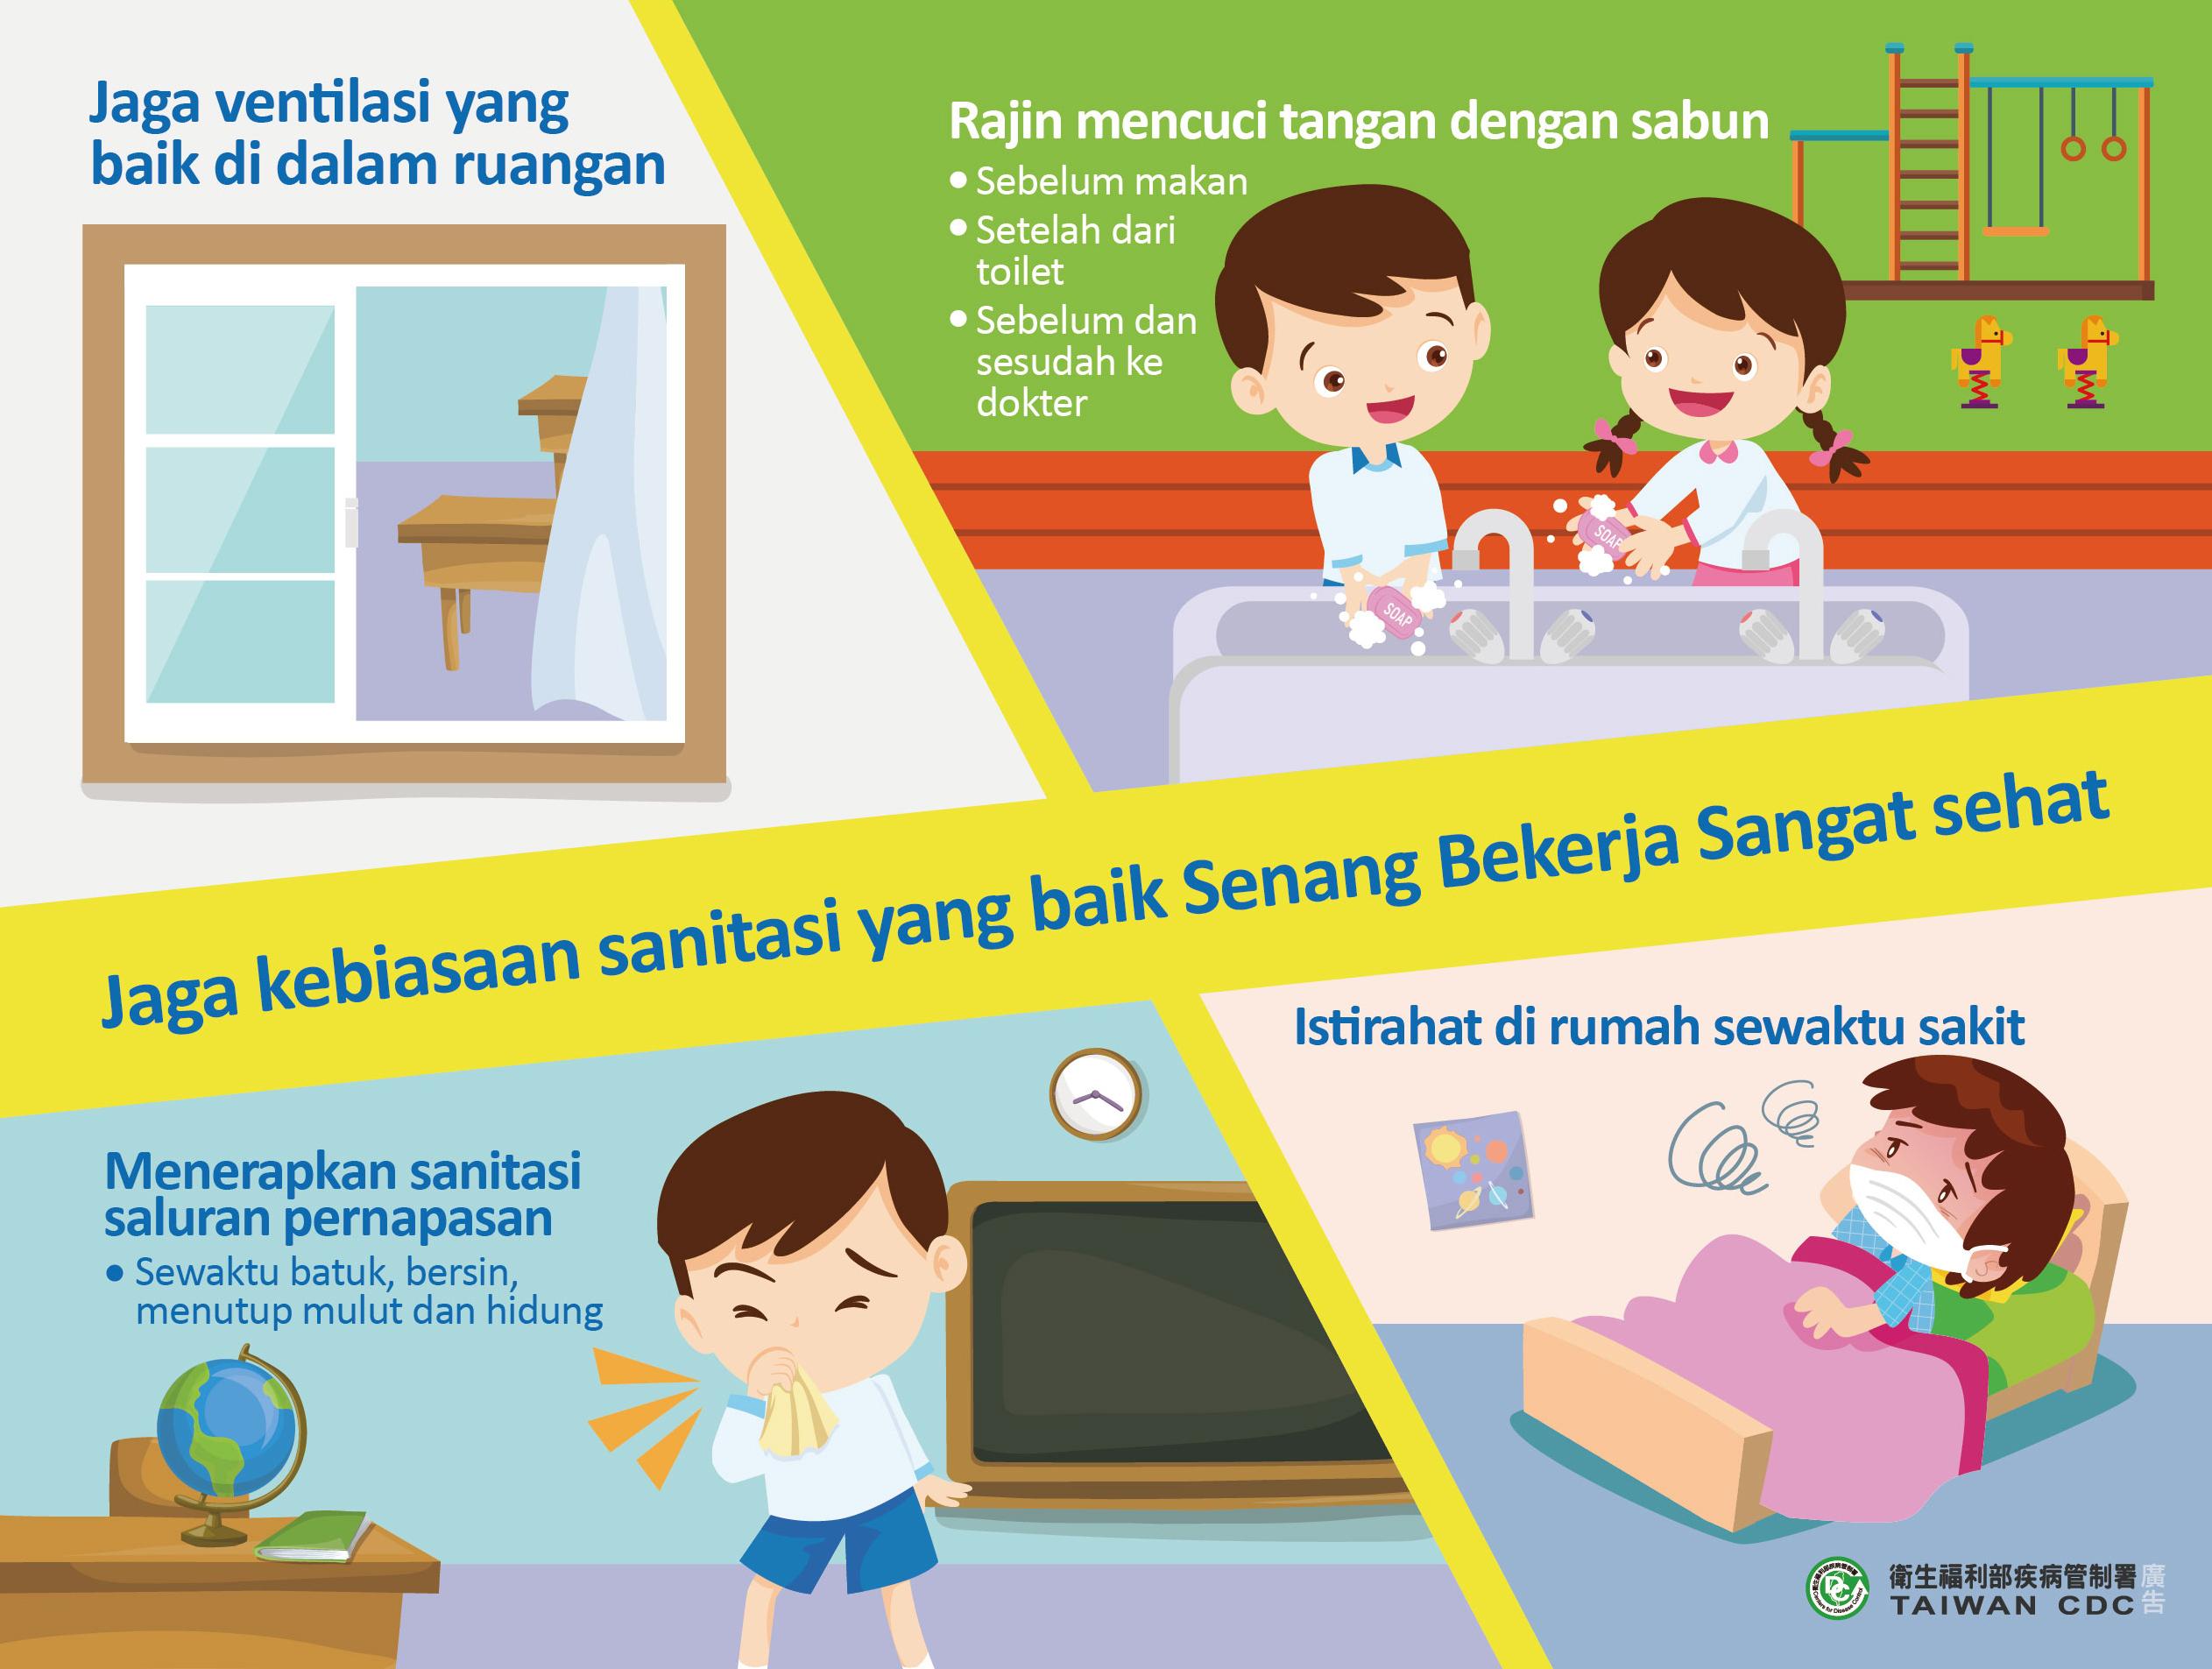 詳如附件【Klik】Jaga kebiasaan sanitasi yang baik工作衛生好習慣(印尼文)